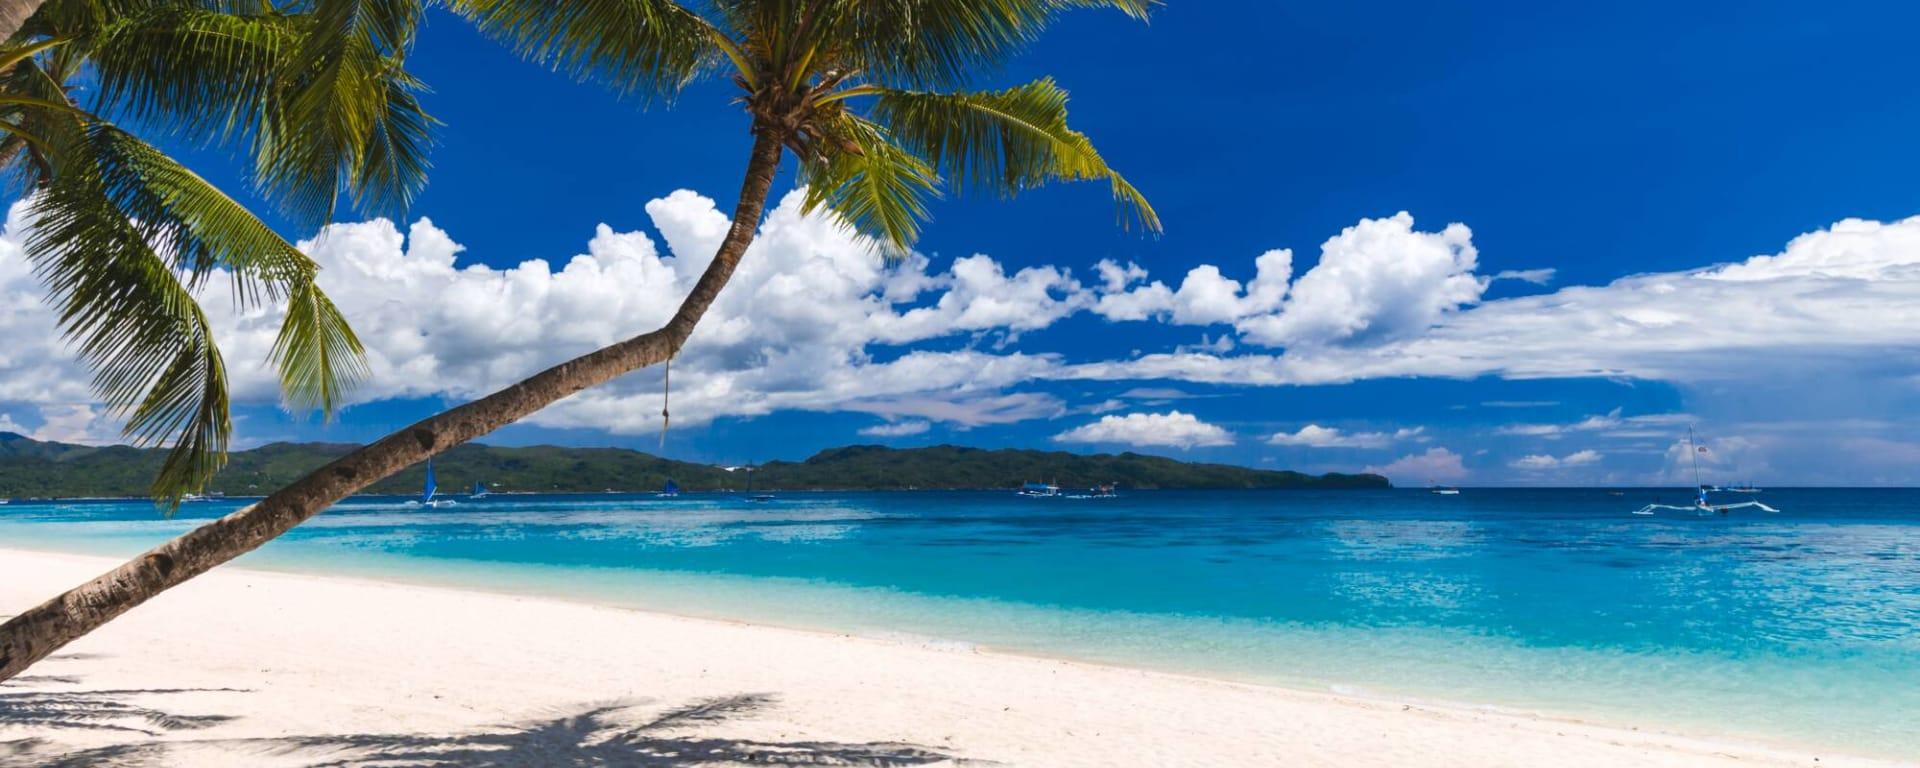 Philippinen entdecken mit Tischler Reisen: Philippinen Boracay White Beach